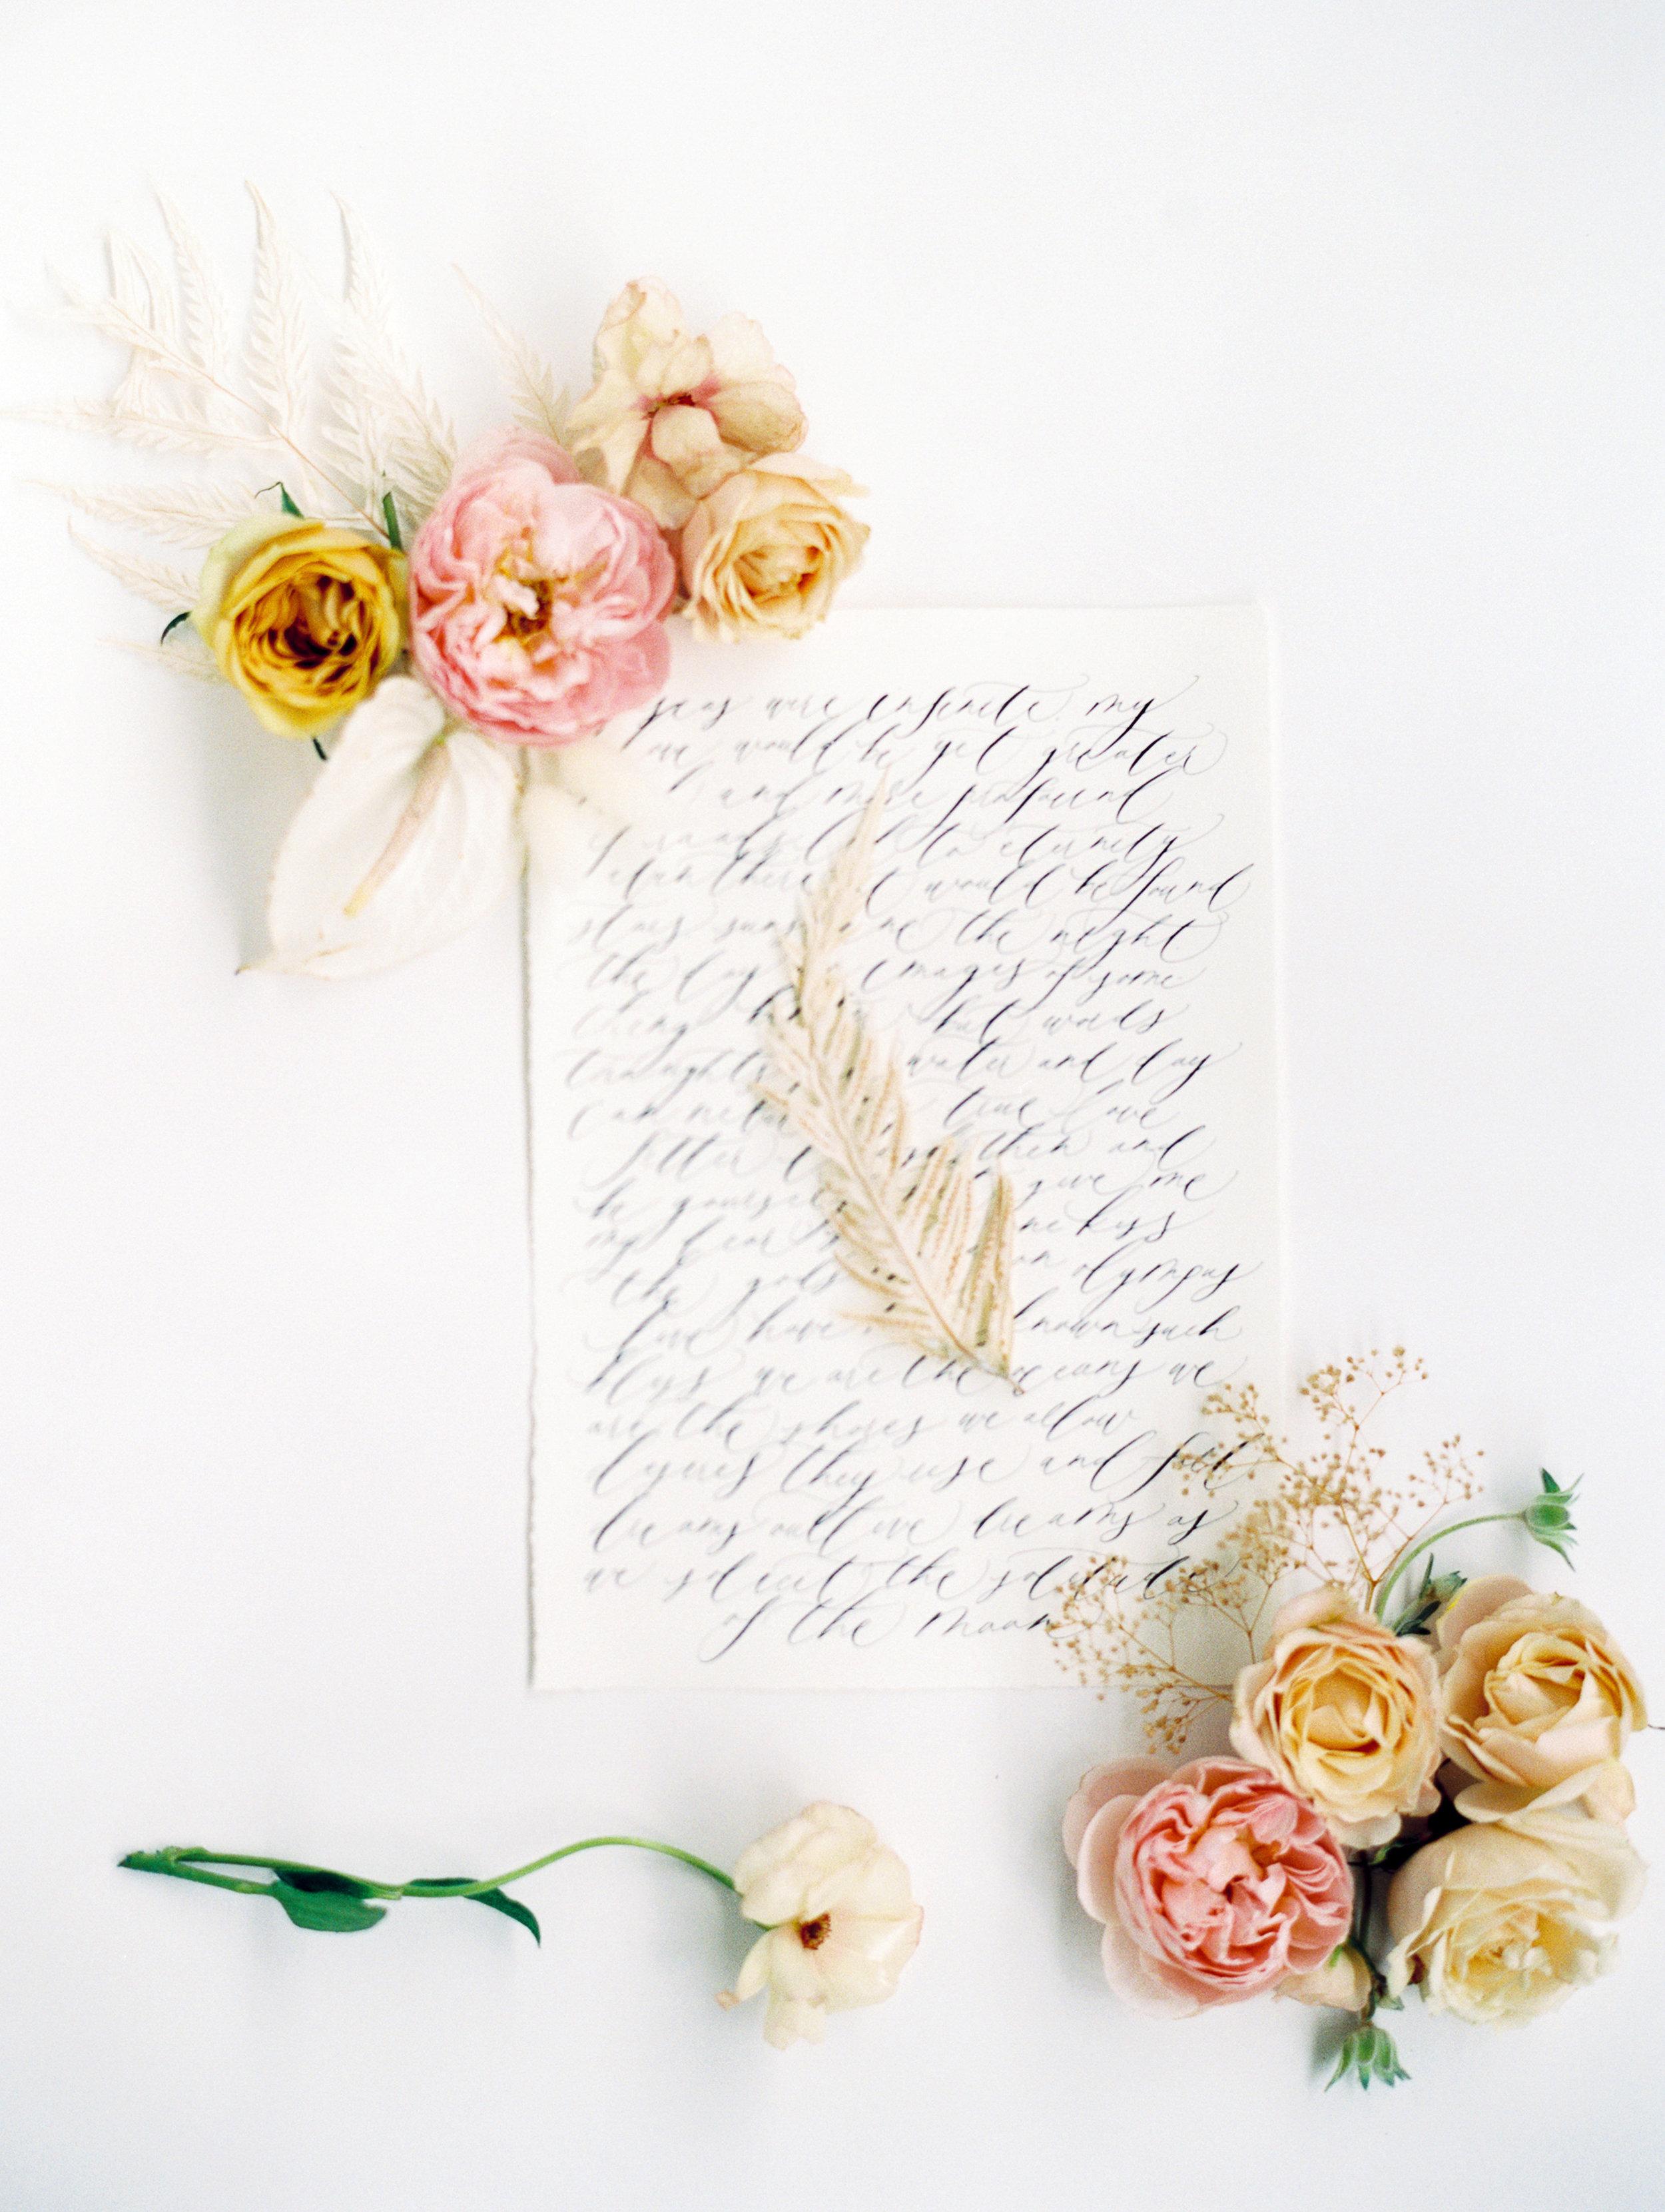 pretty florals and calligraphy wedding invitation idea